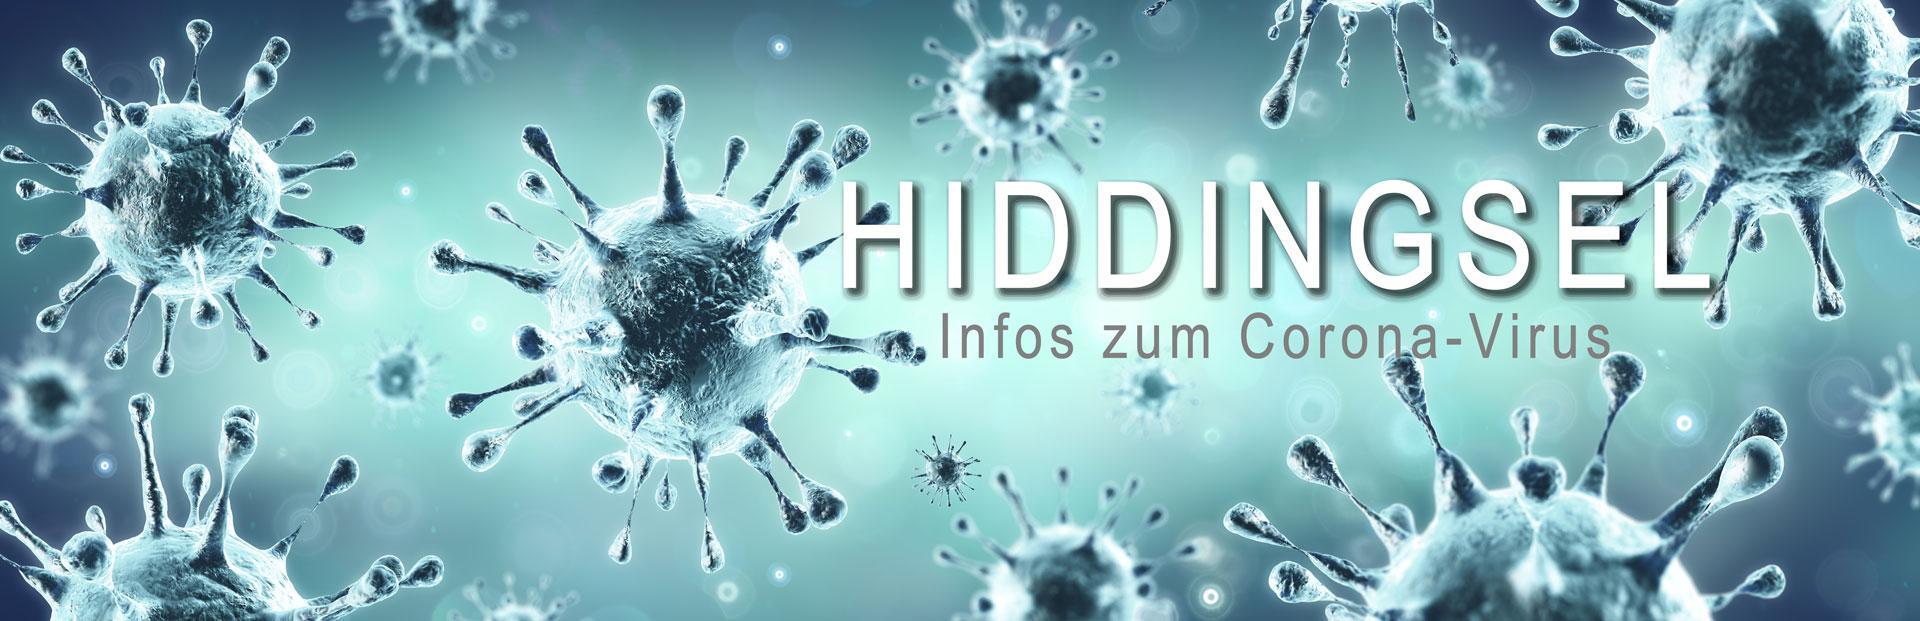 Corona-Virus in Hiddingsel